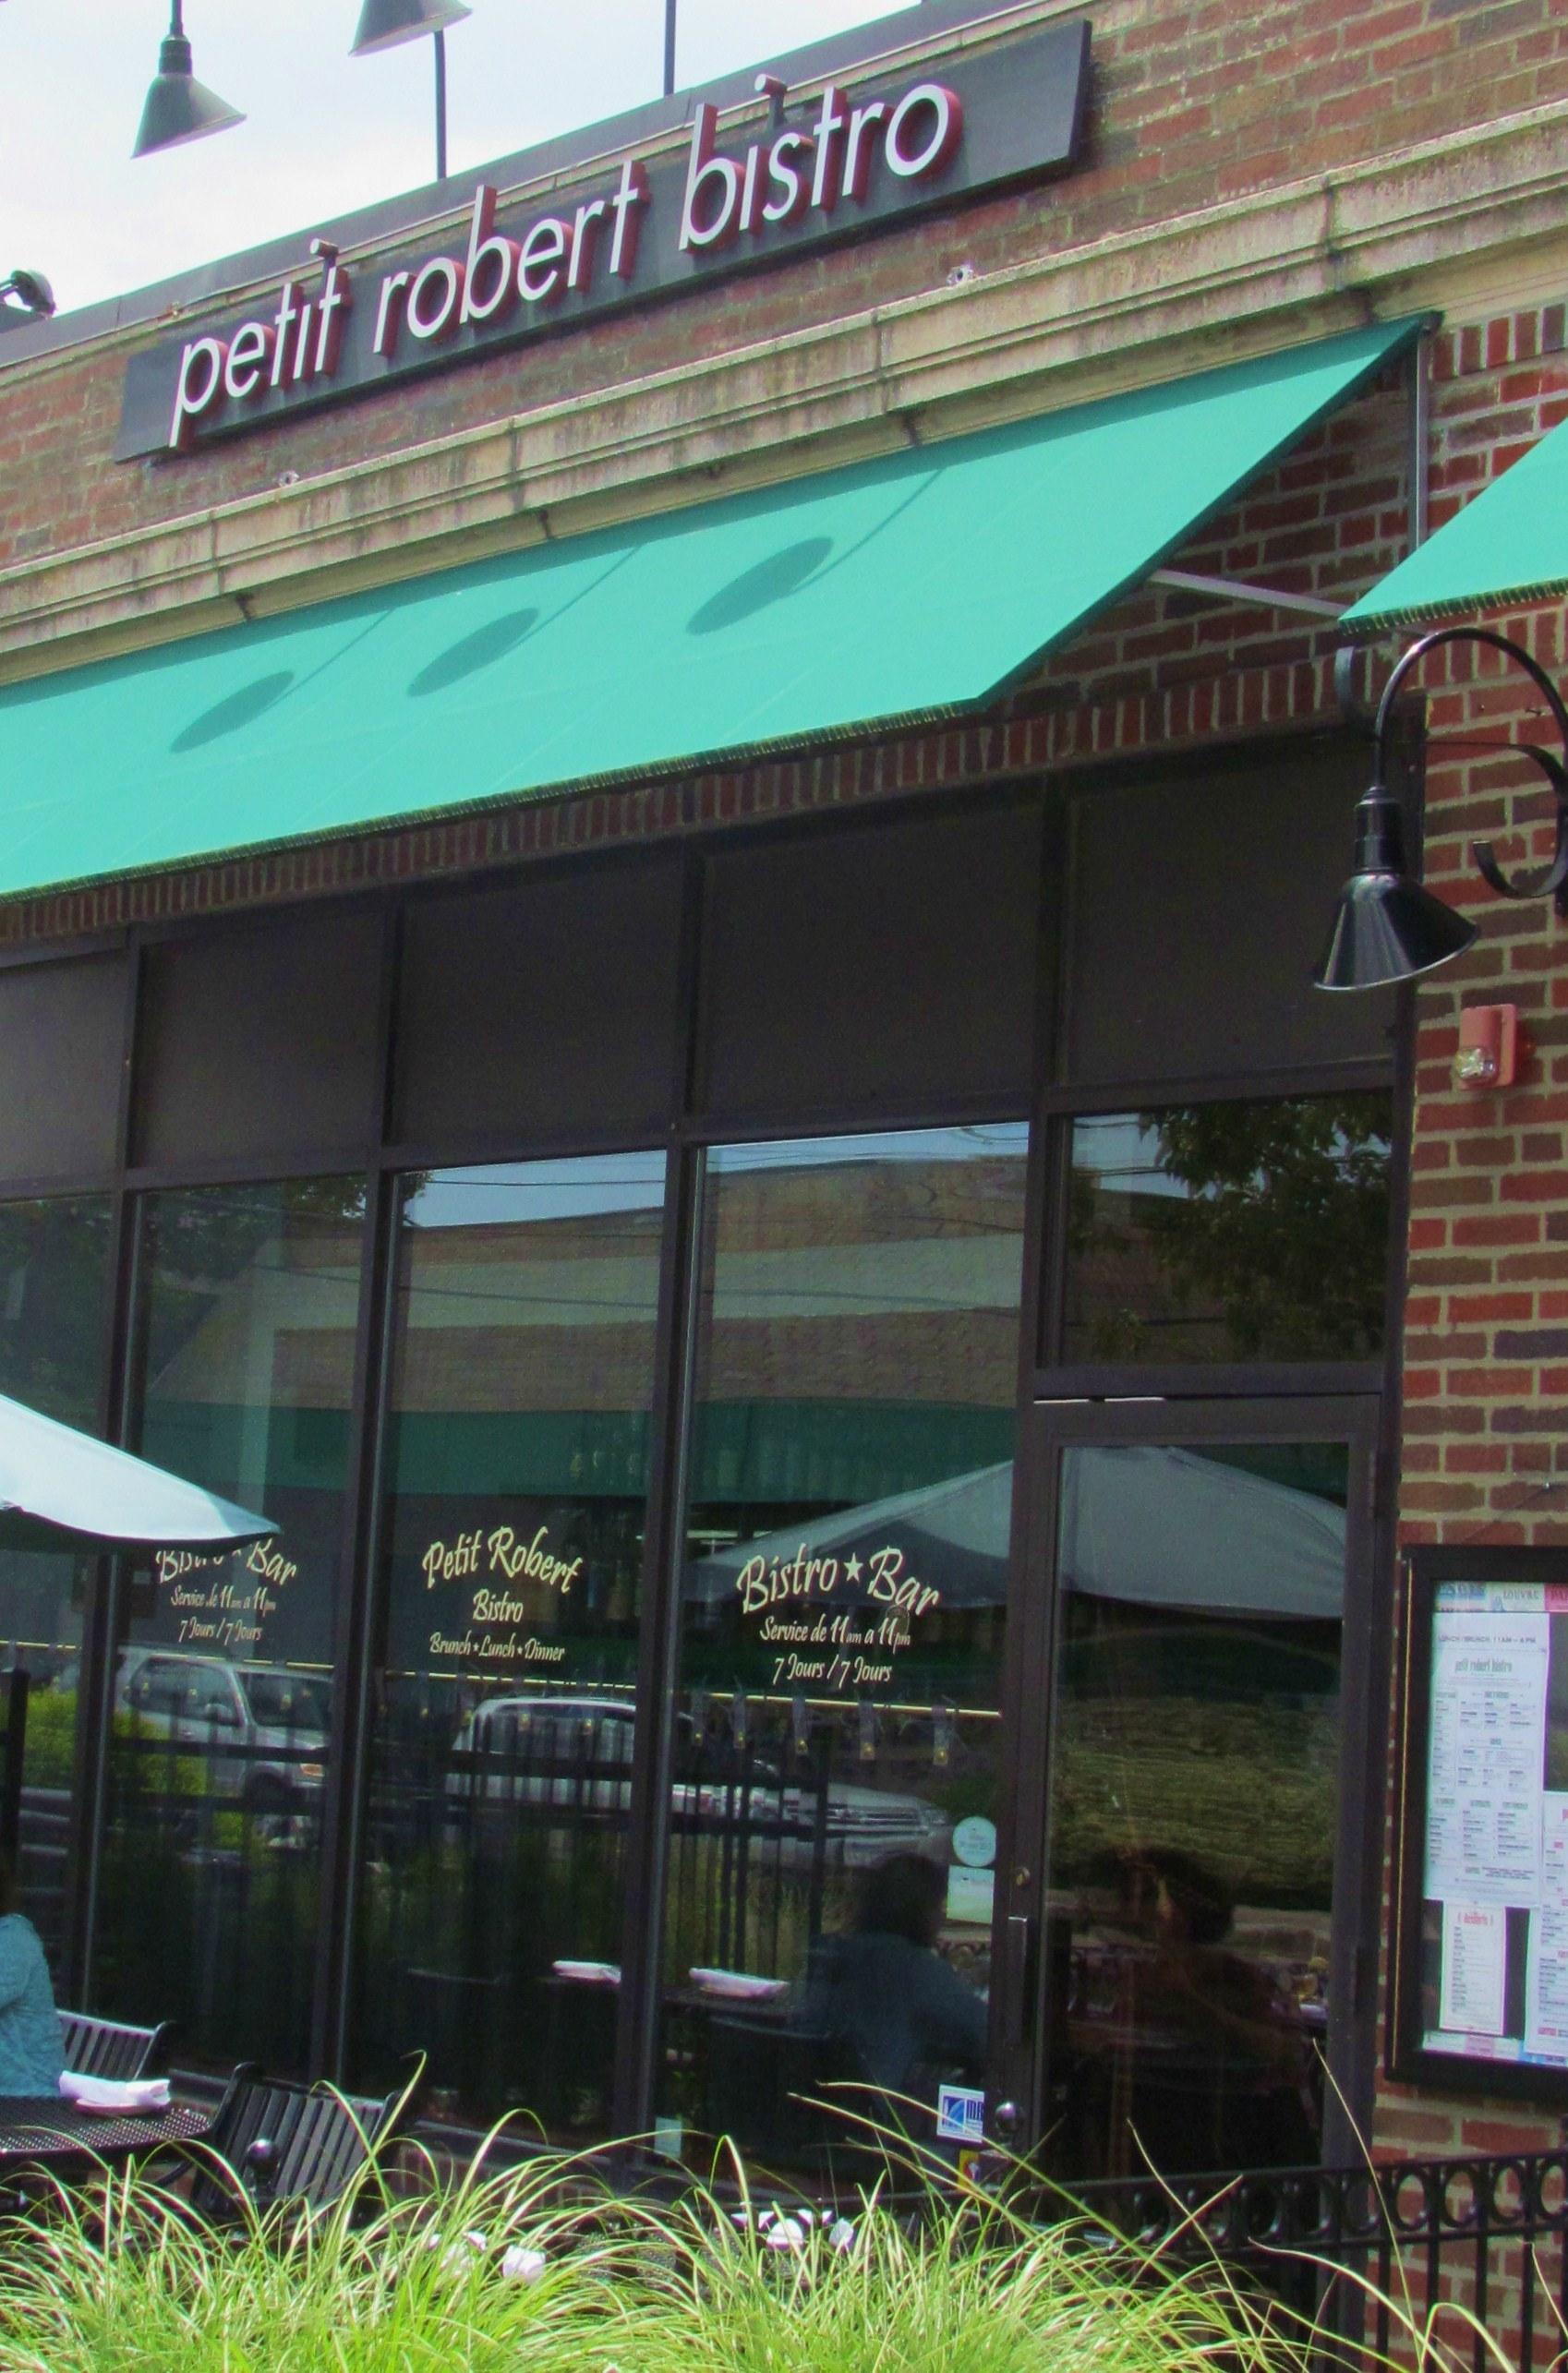 Center Cafe Needham Reviews